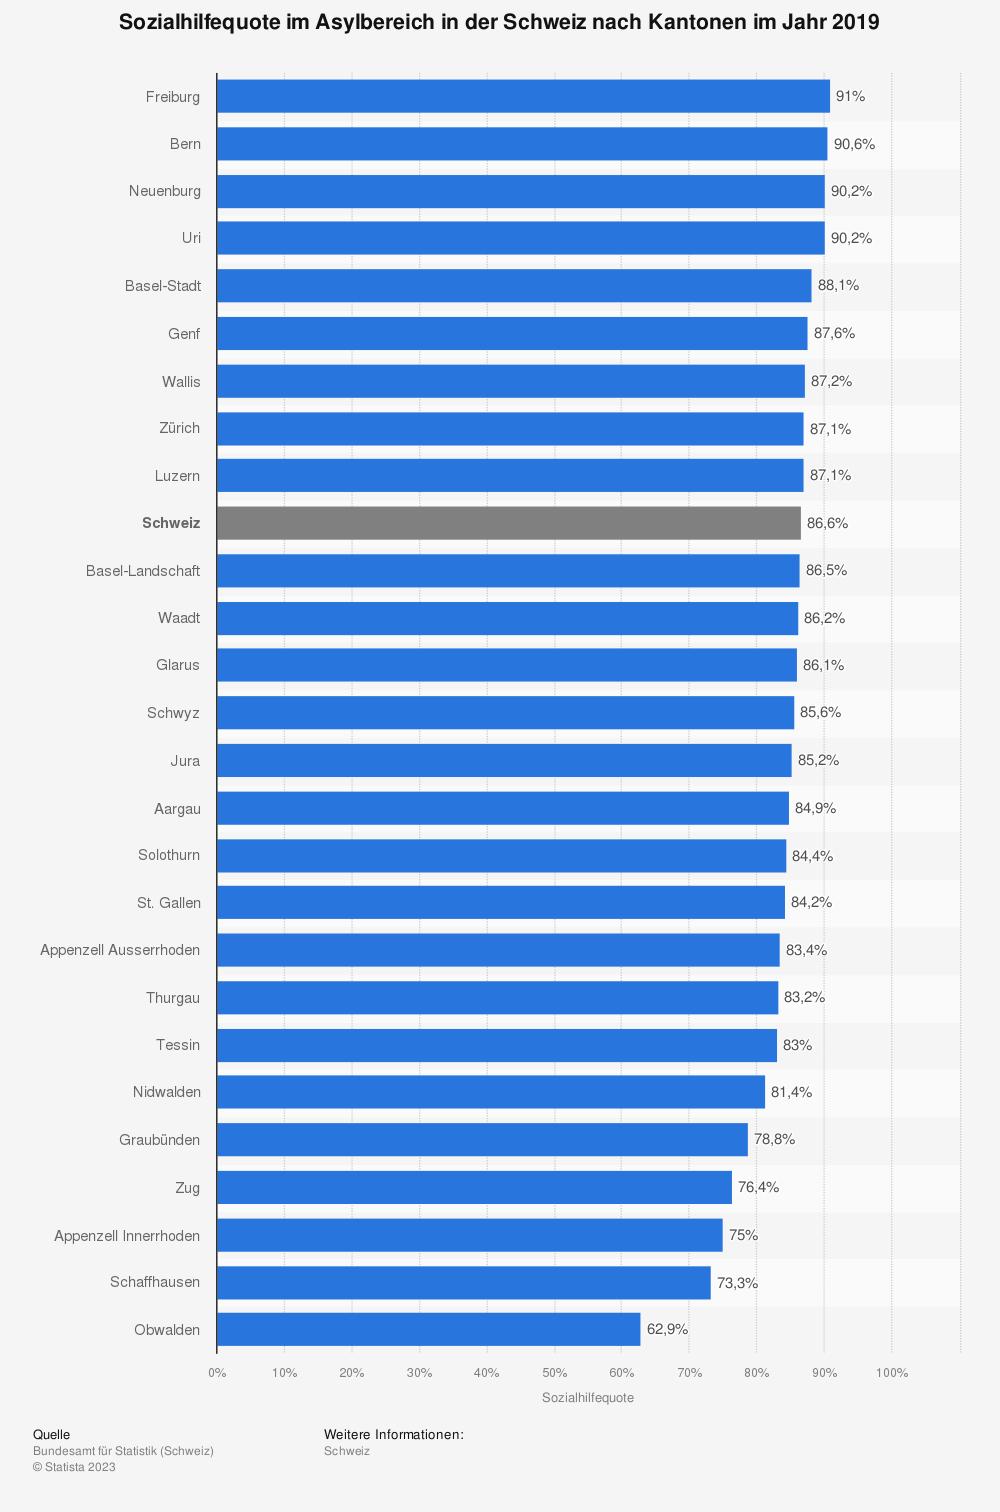 Statistik: Sozialhilfequote im Asylbereich in der Schweiz nach Kantonen im Jahr 2019 | Statista